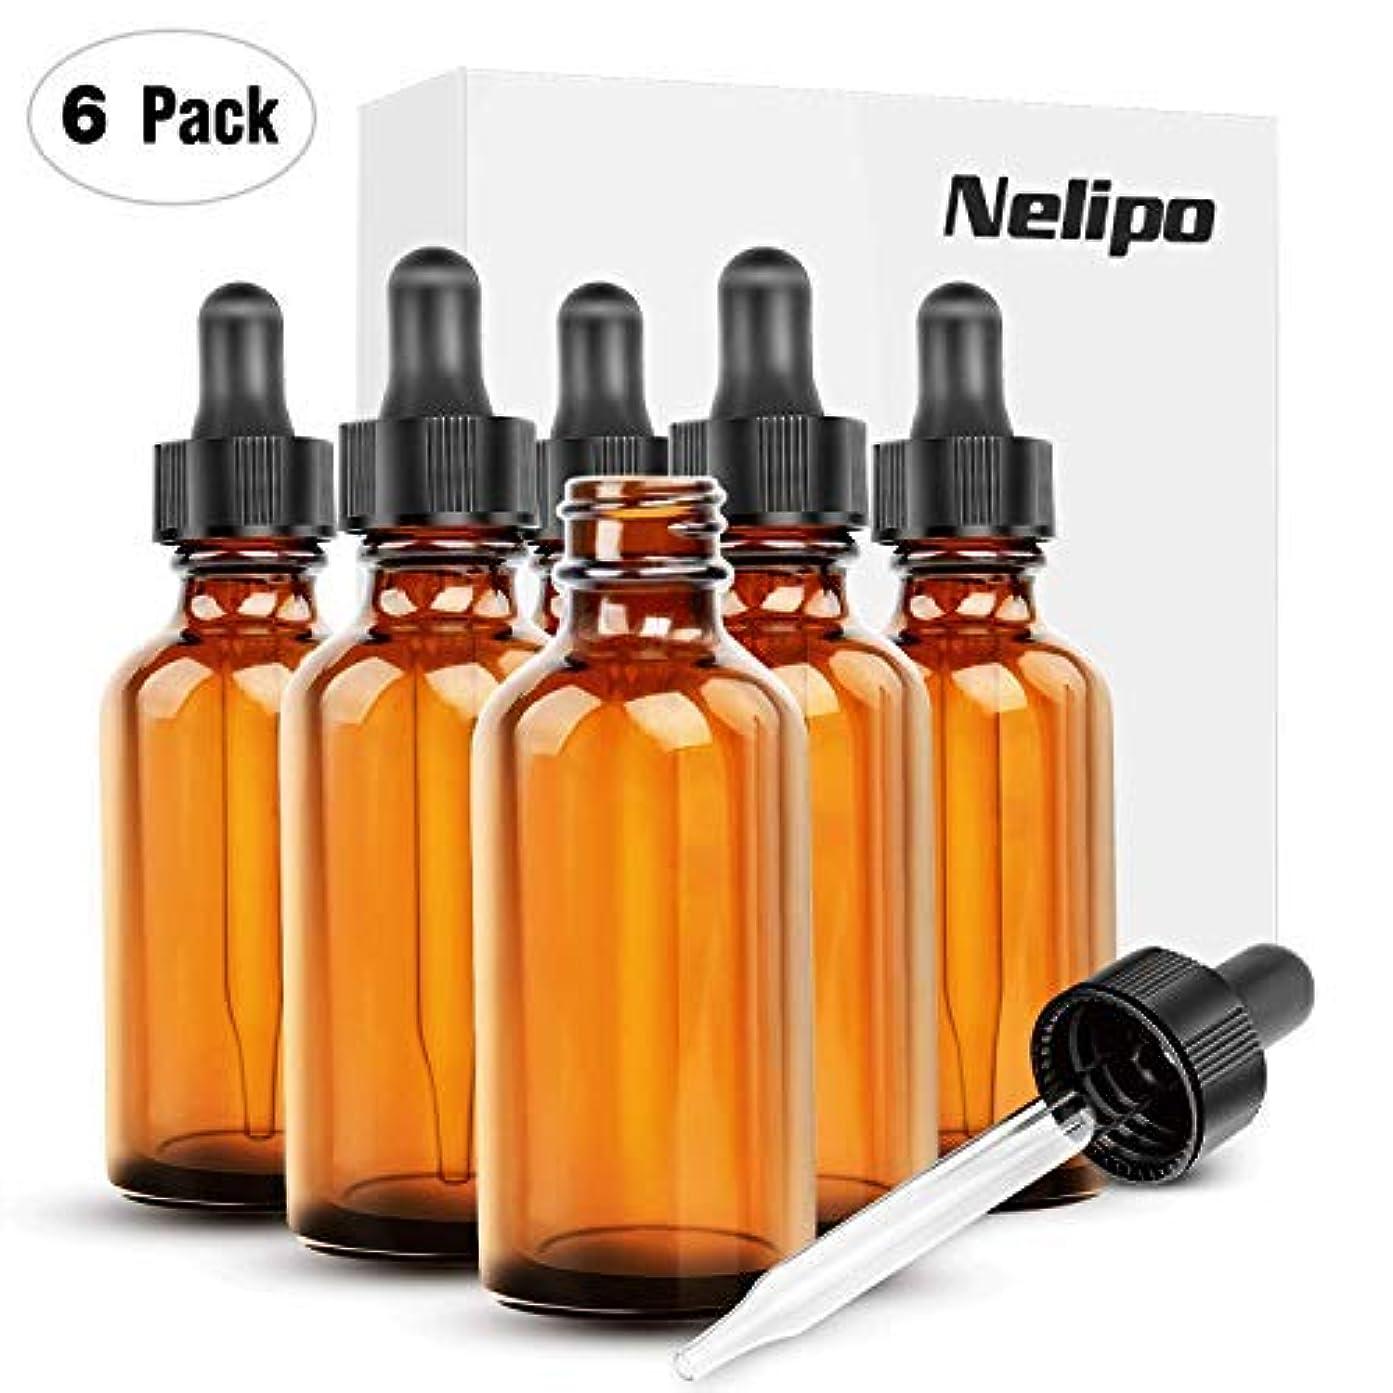 ボットある閲覧するNelipo 2oz Amber Glass Bottles for Essential Oils with Glass Eye Dropper - Pack of 6 [並行輸入品]